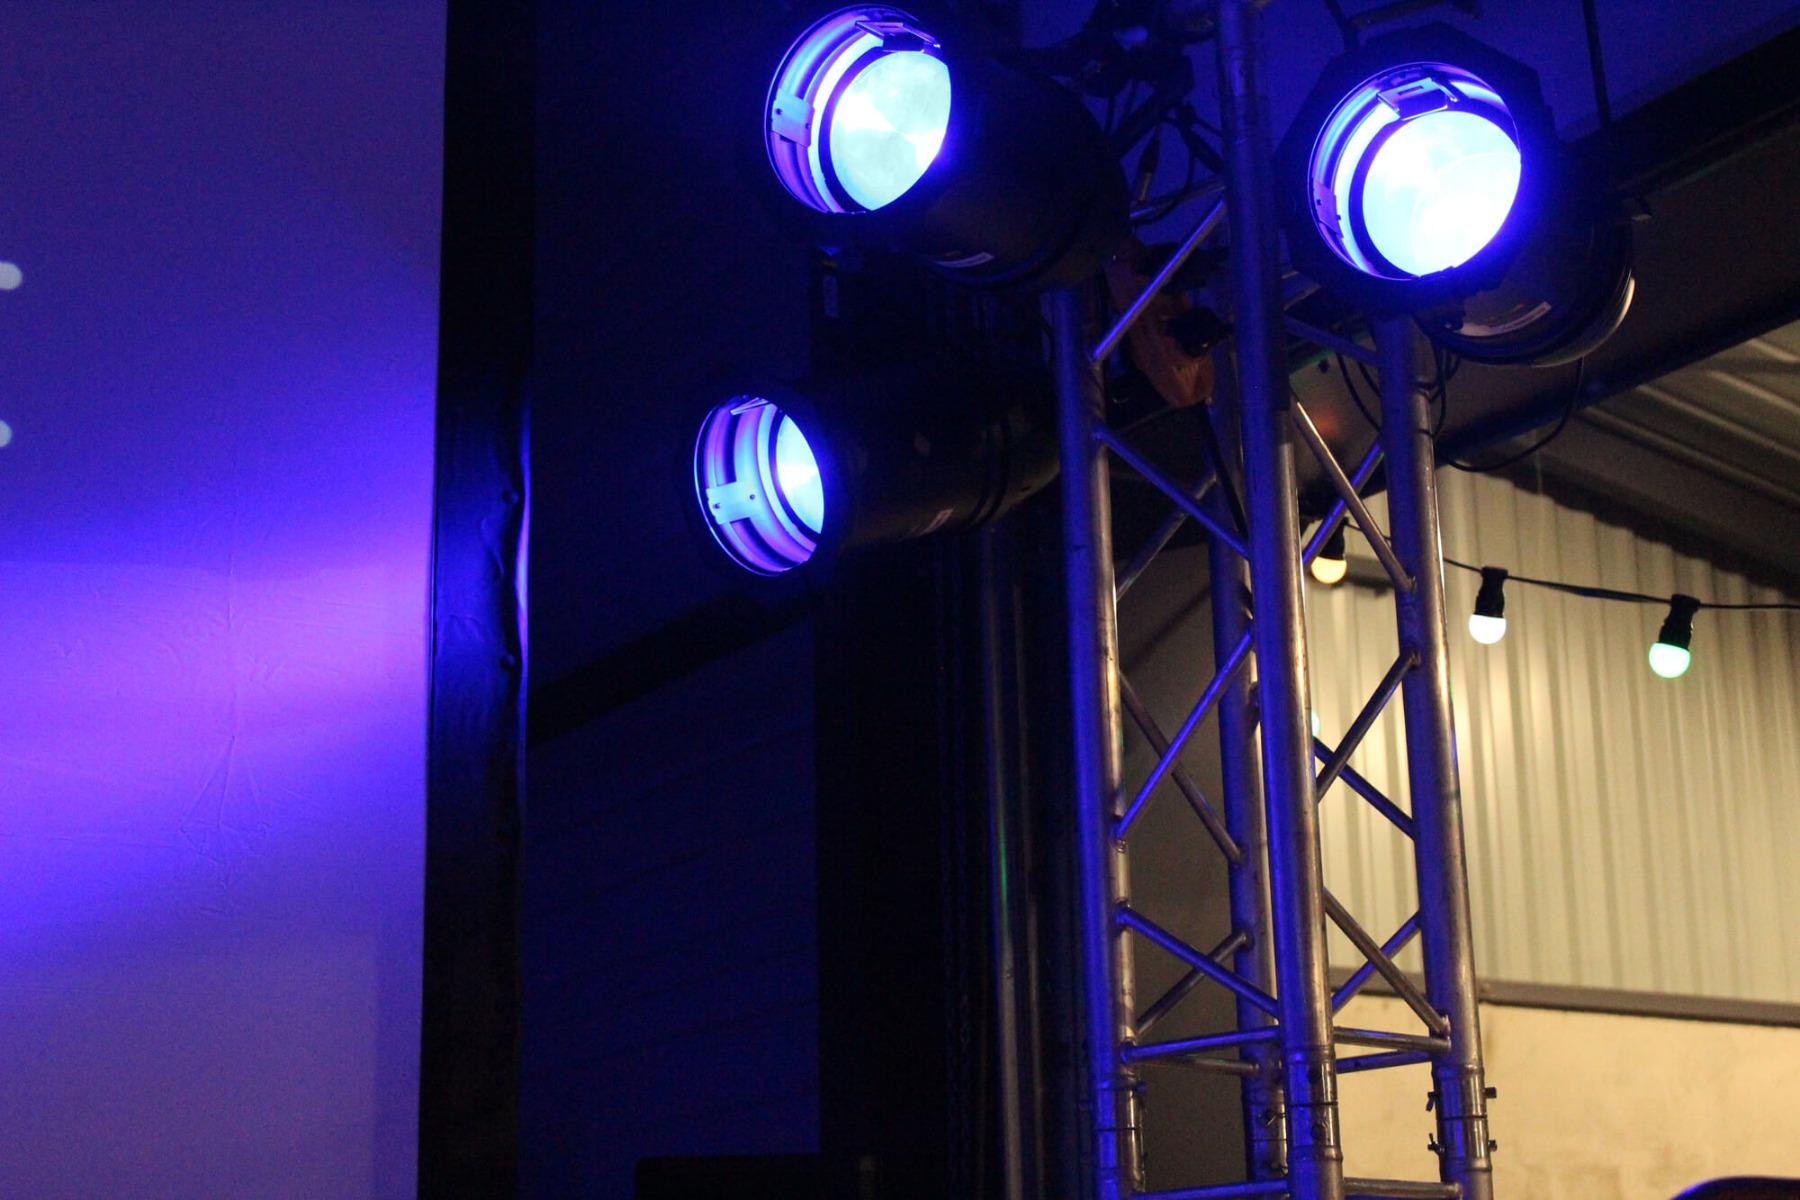 Projecteur LED sur totem structure